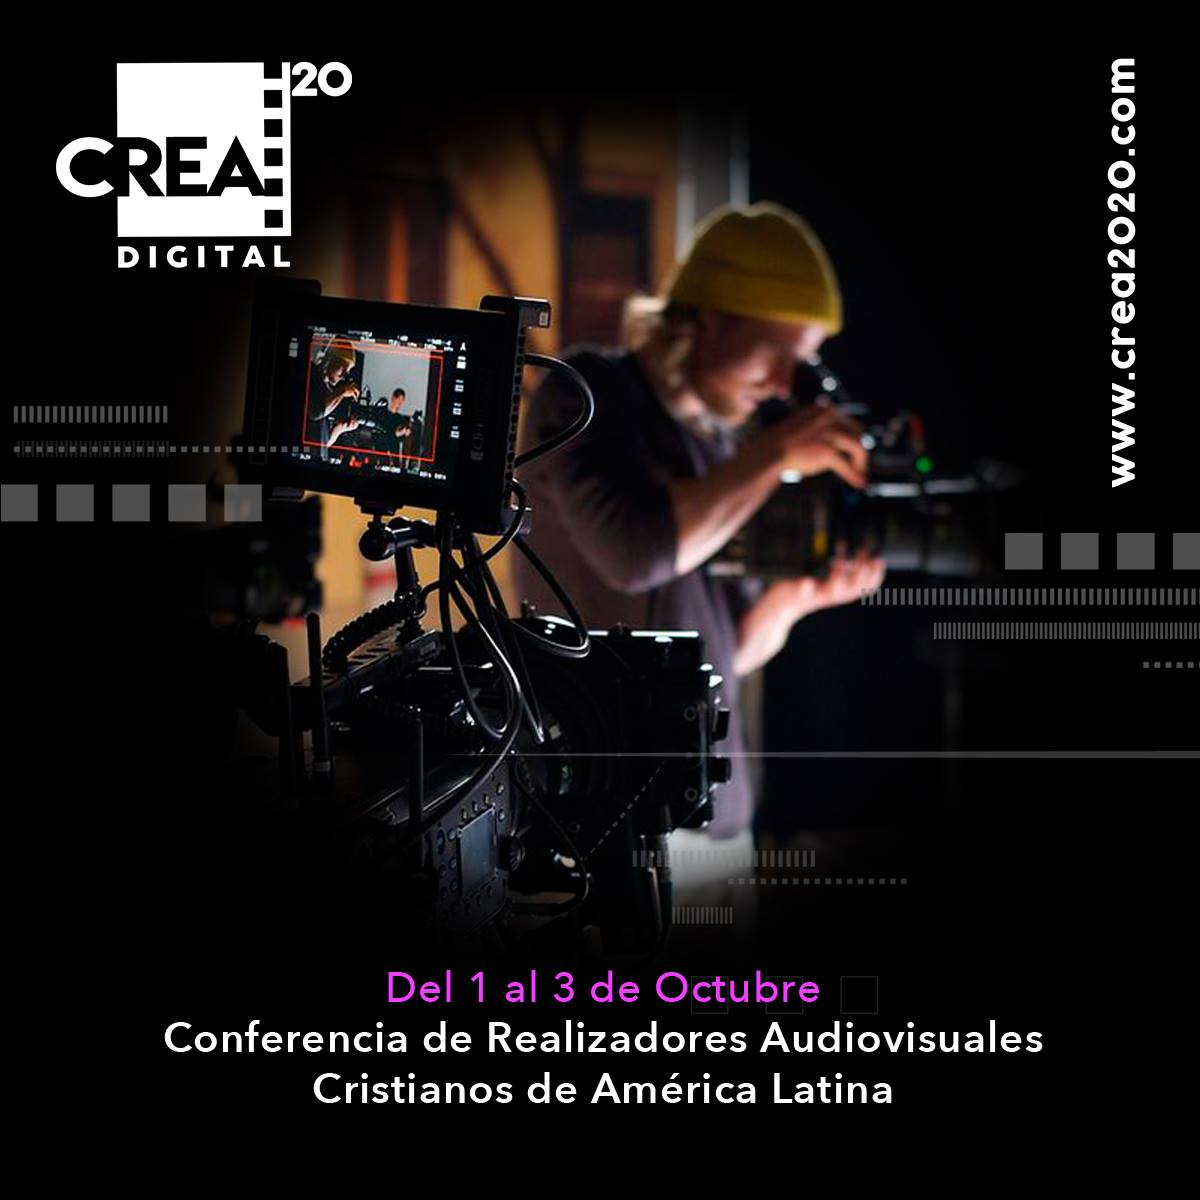 CREA2020 Conferencia de cine y televisión será totalmente digital este año talleres